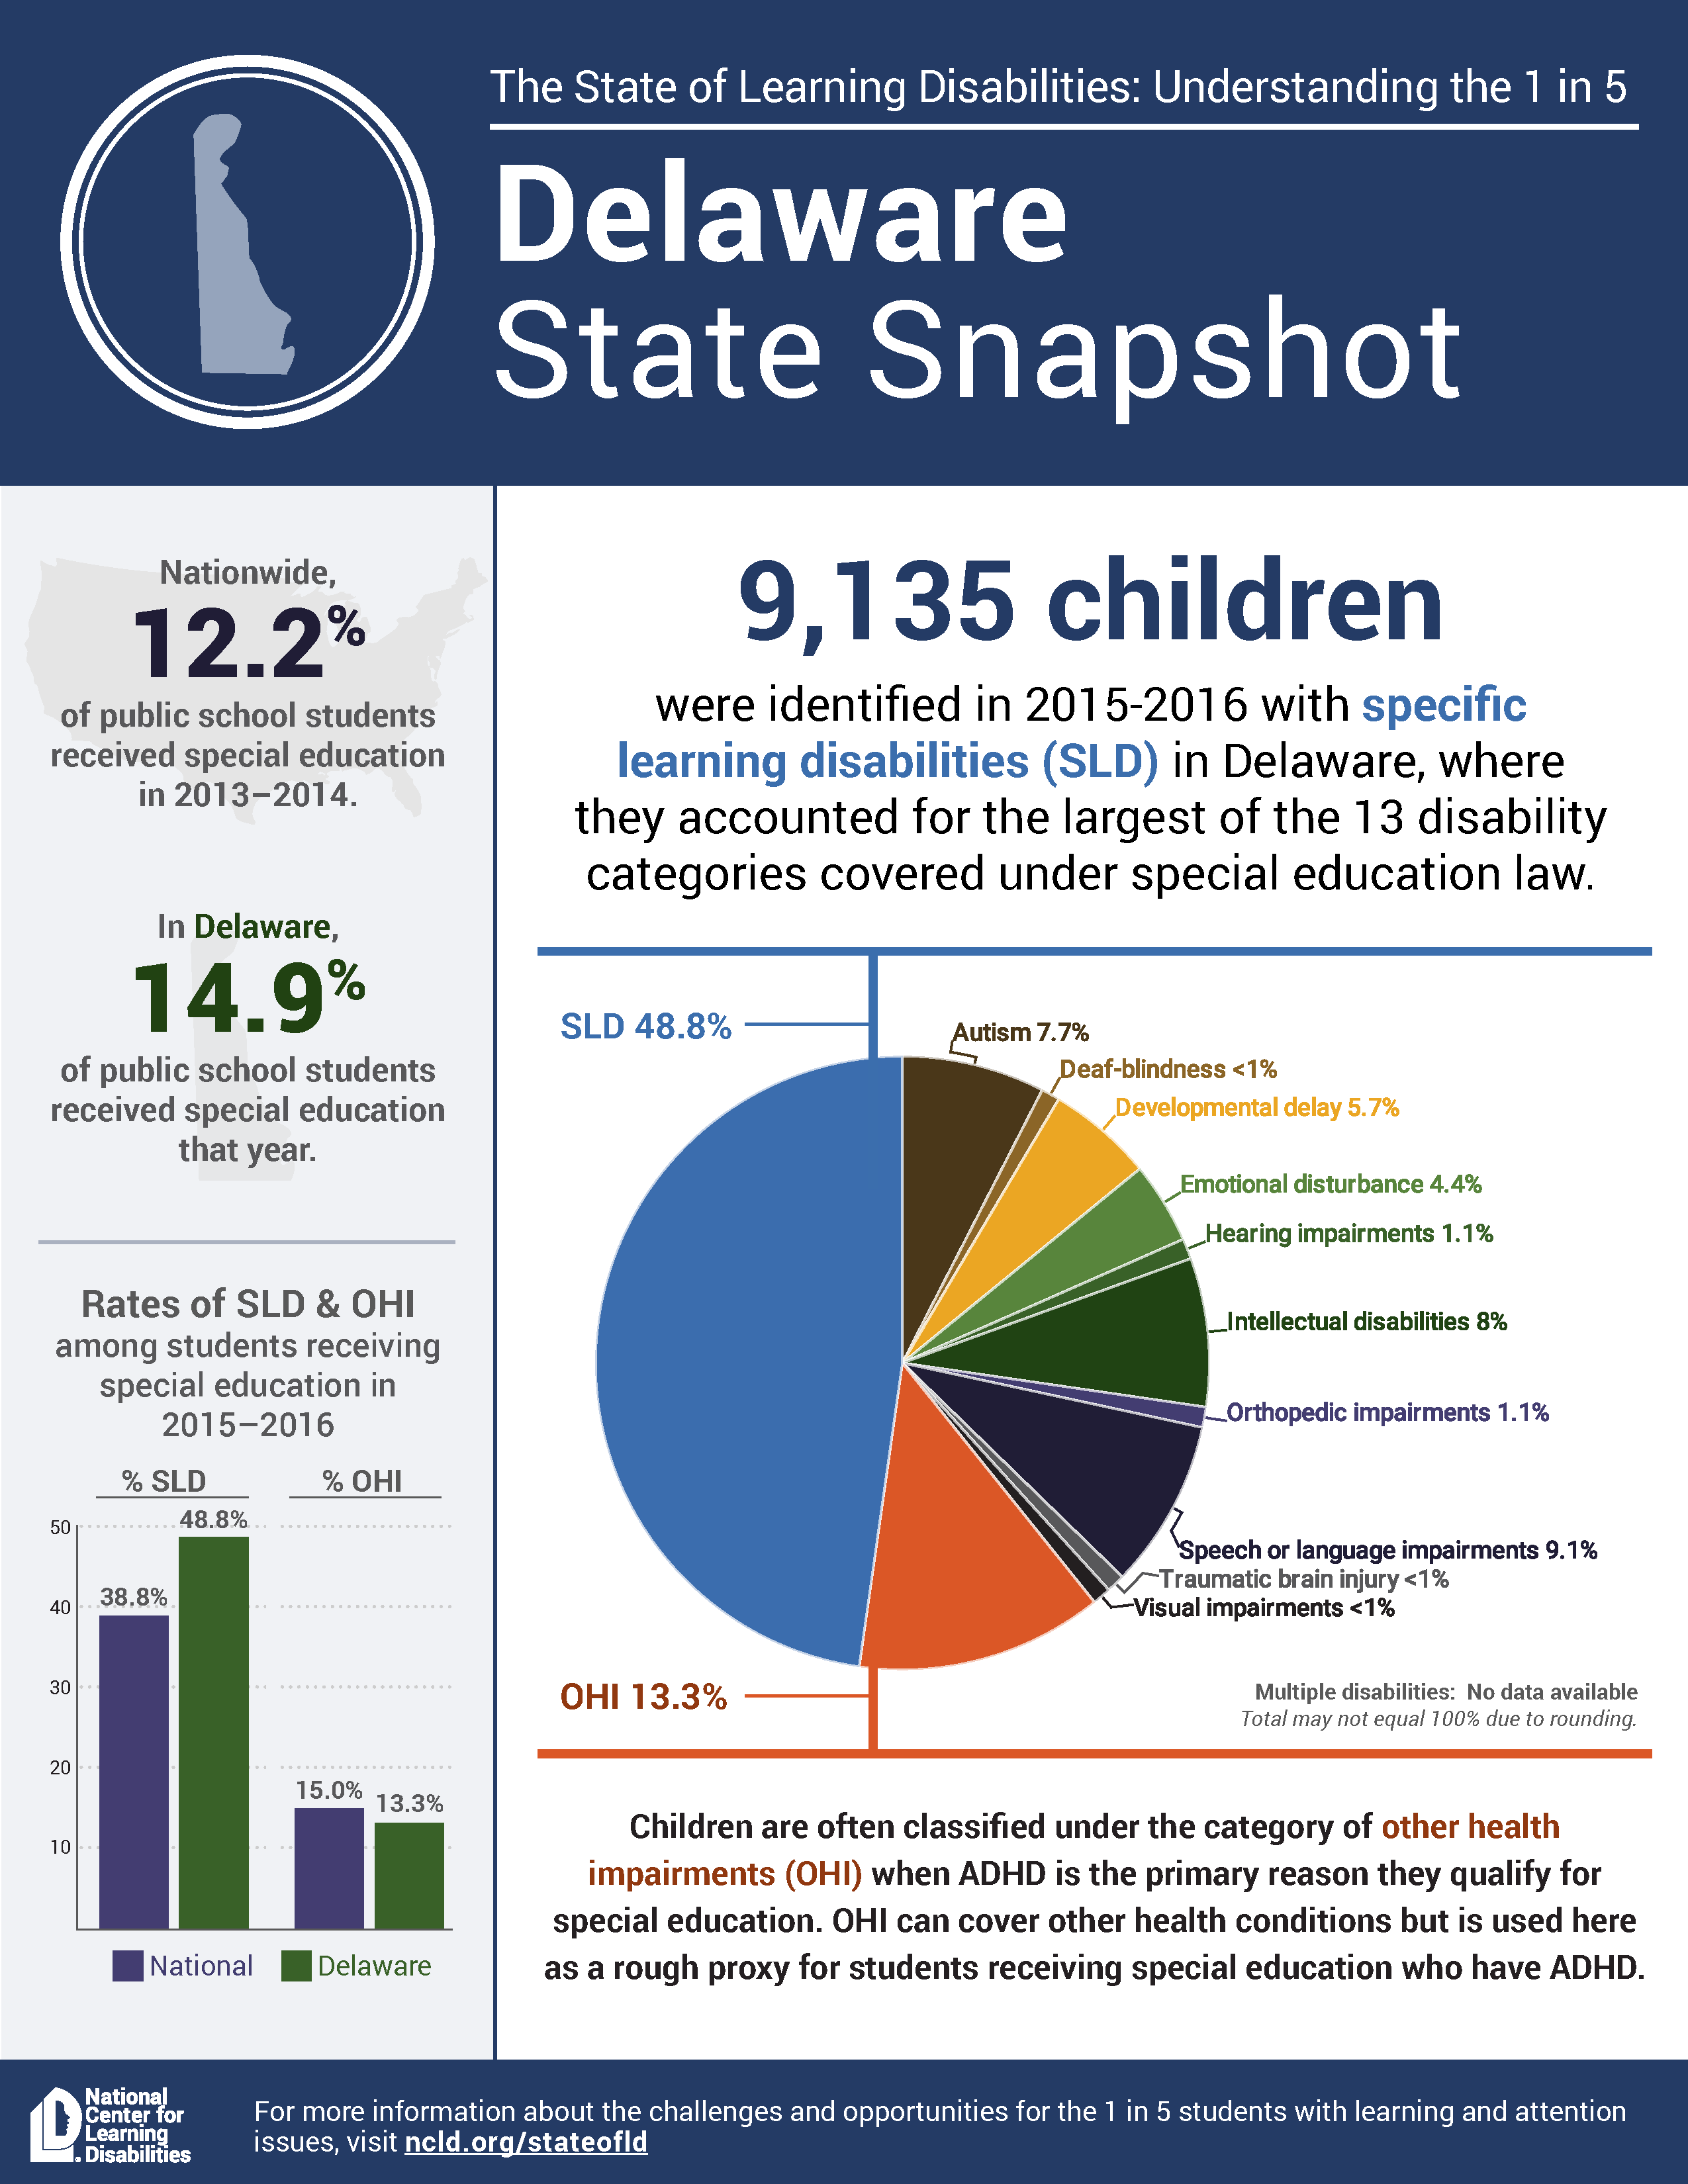 State snapshot Alabama